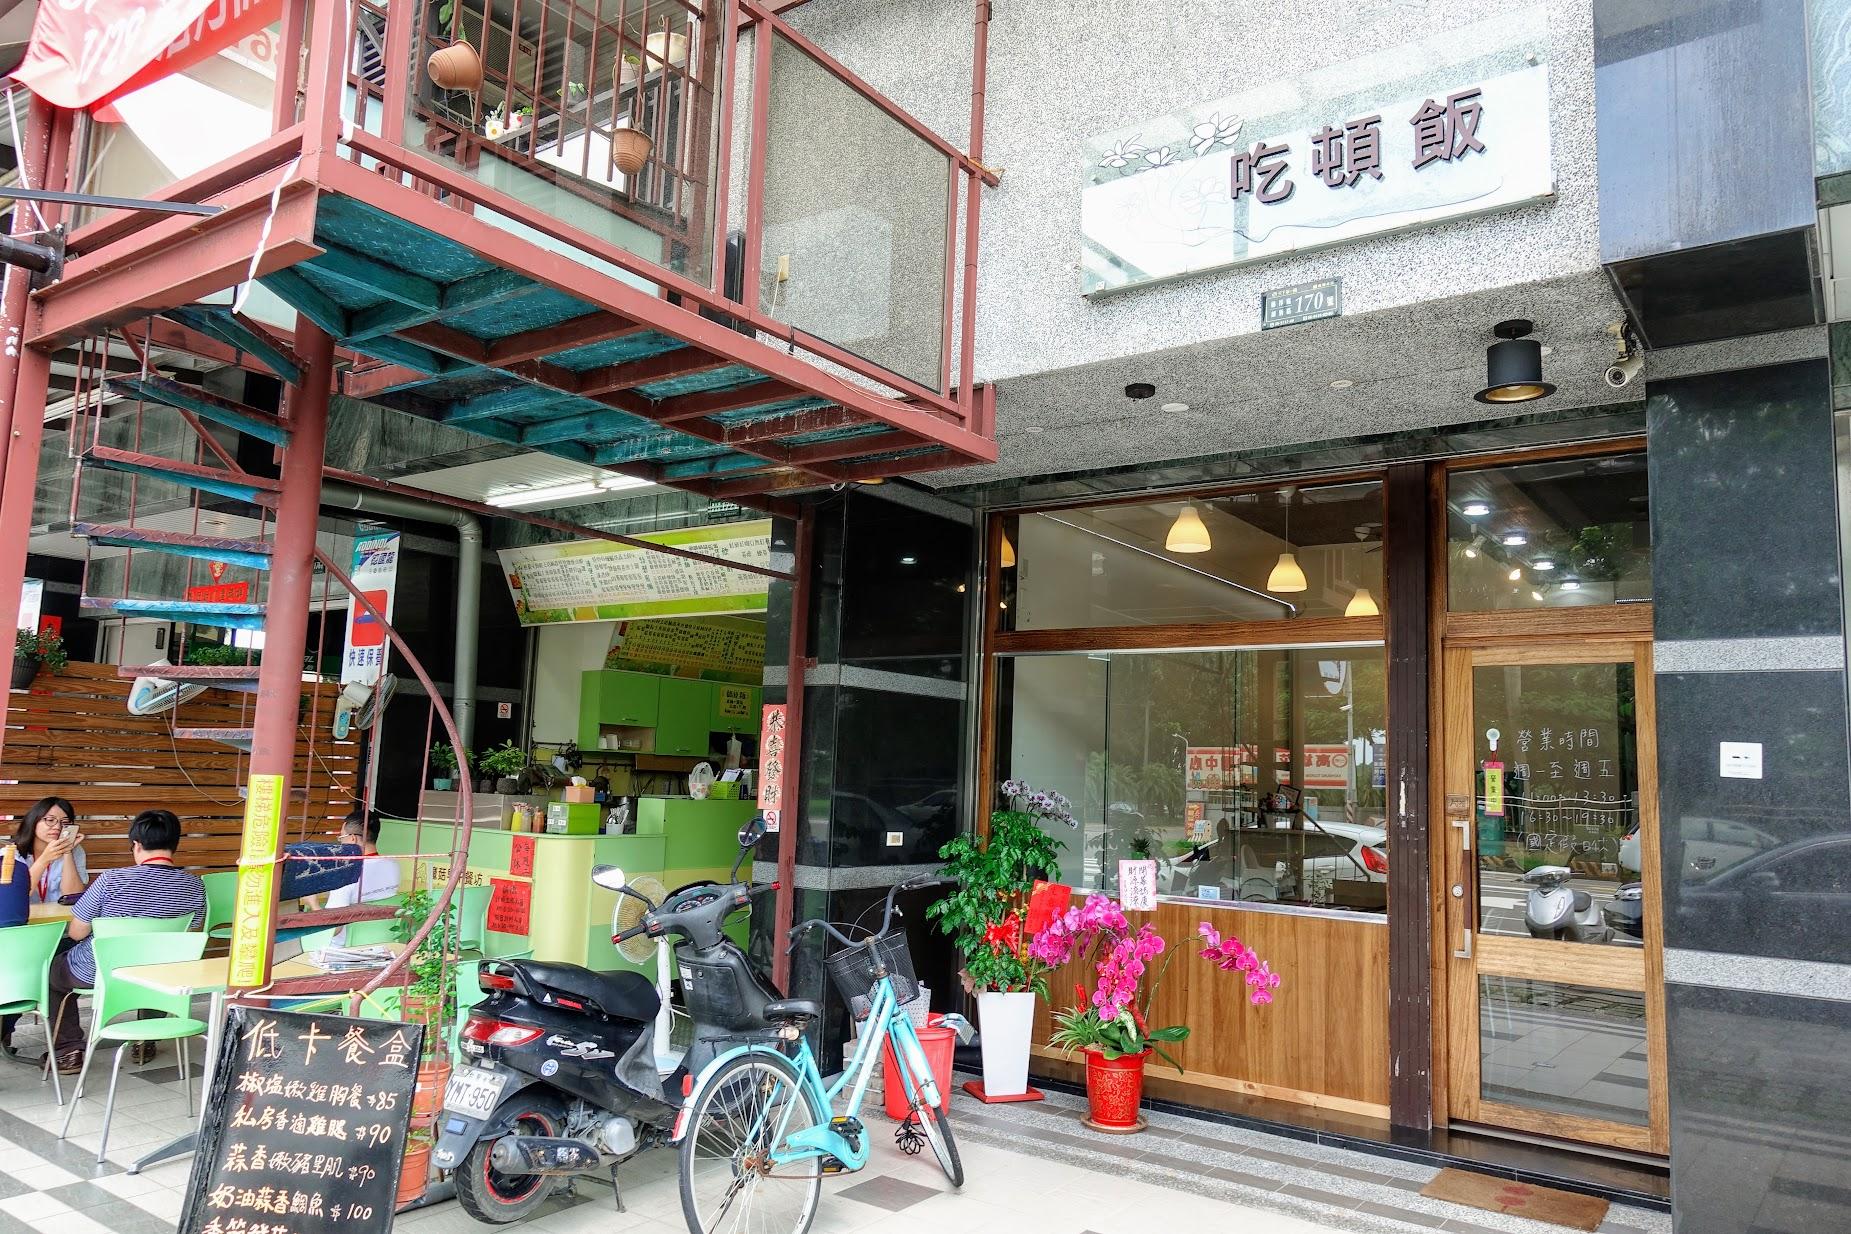 創新路上的吃頓飯,原本店址是赫赫有名的肉山啊! 可惜我一直沒吃到肉山QQ